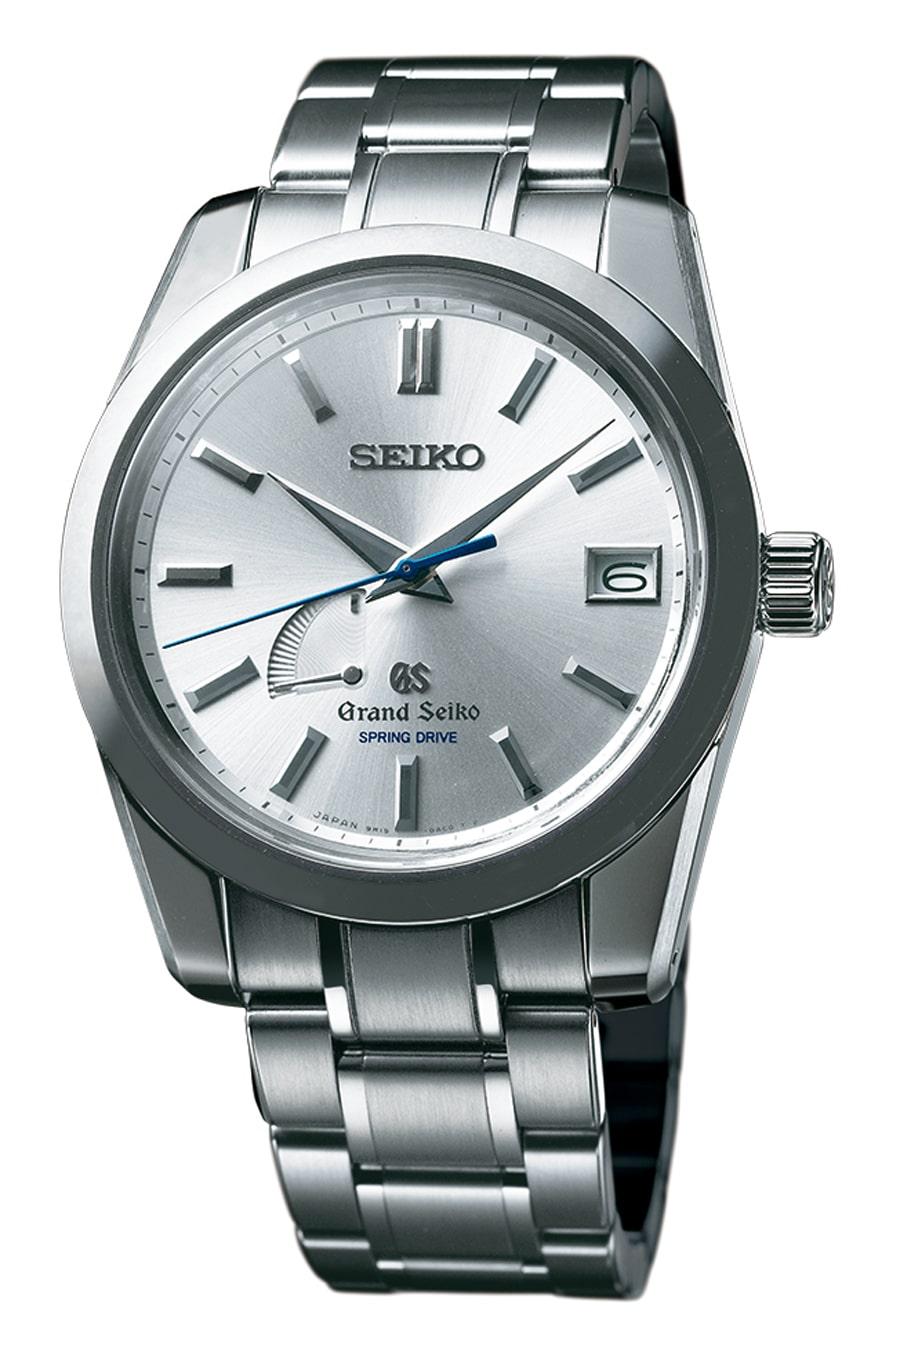 Die Grand Seiko Selfdata SBGA103  bietet mit Spring Drive das weltweit einzige Uhrwerk, das von einer Hauptfeder angetrieben und über eine elektromagnetisches Regulierungssystem gesteuert wird.